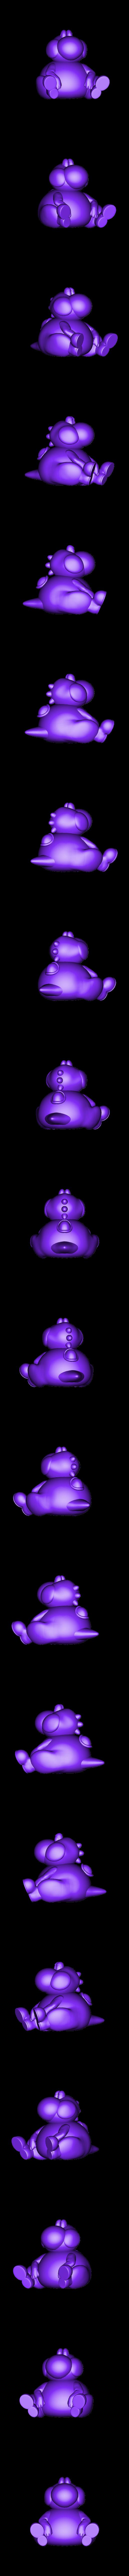 fatyoshi.stl Télécharger fichier STL gratuit FAT YOSHI (Super Mario) GRATUIT • Objet à imprimer en 3D, dbaudwo753